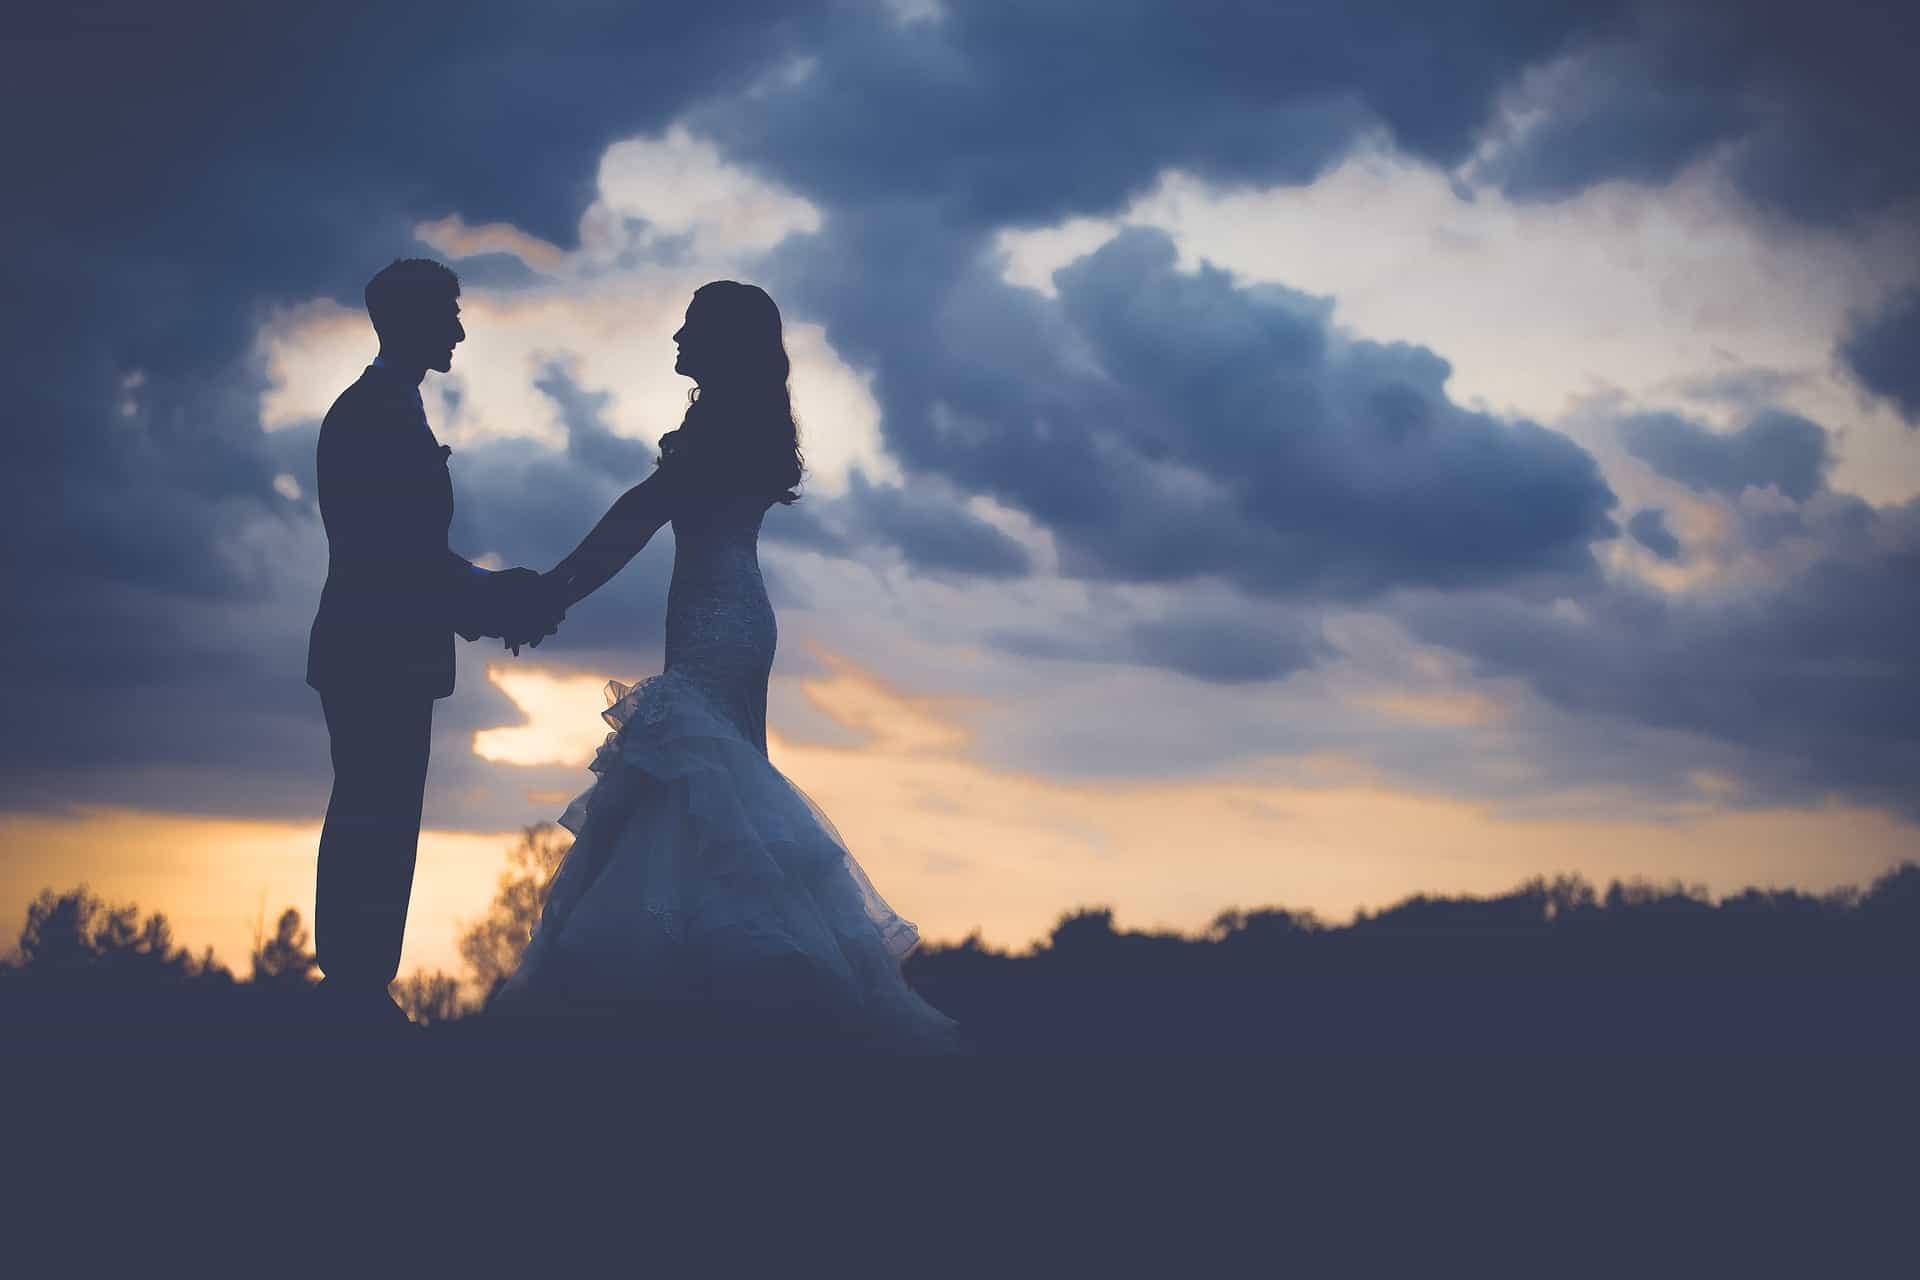 Matrimonio vip rinviati a causa del coronavirus: slittano le nozze non solo in Italia